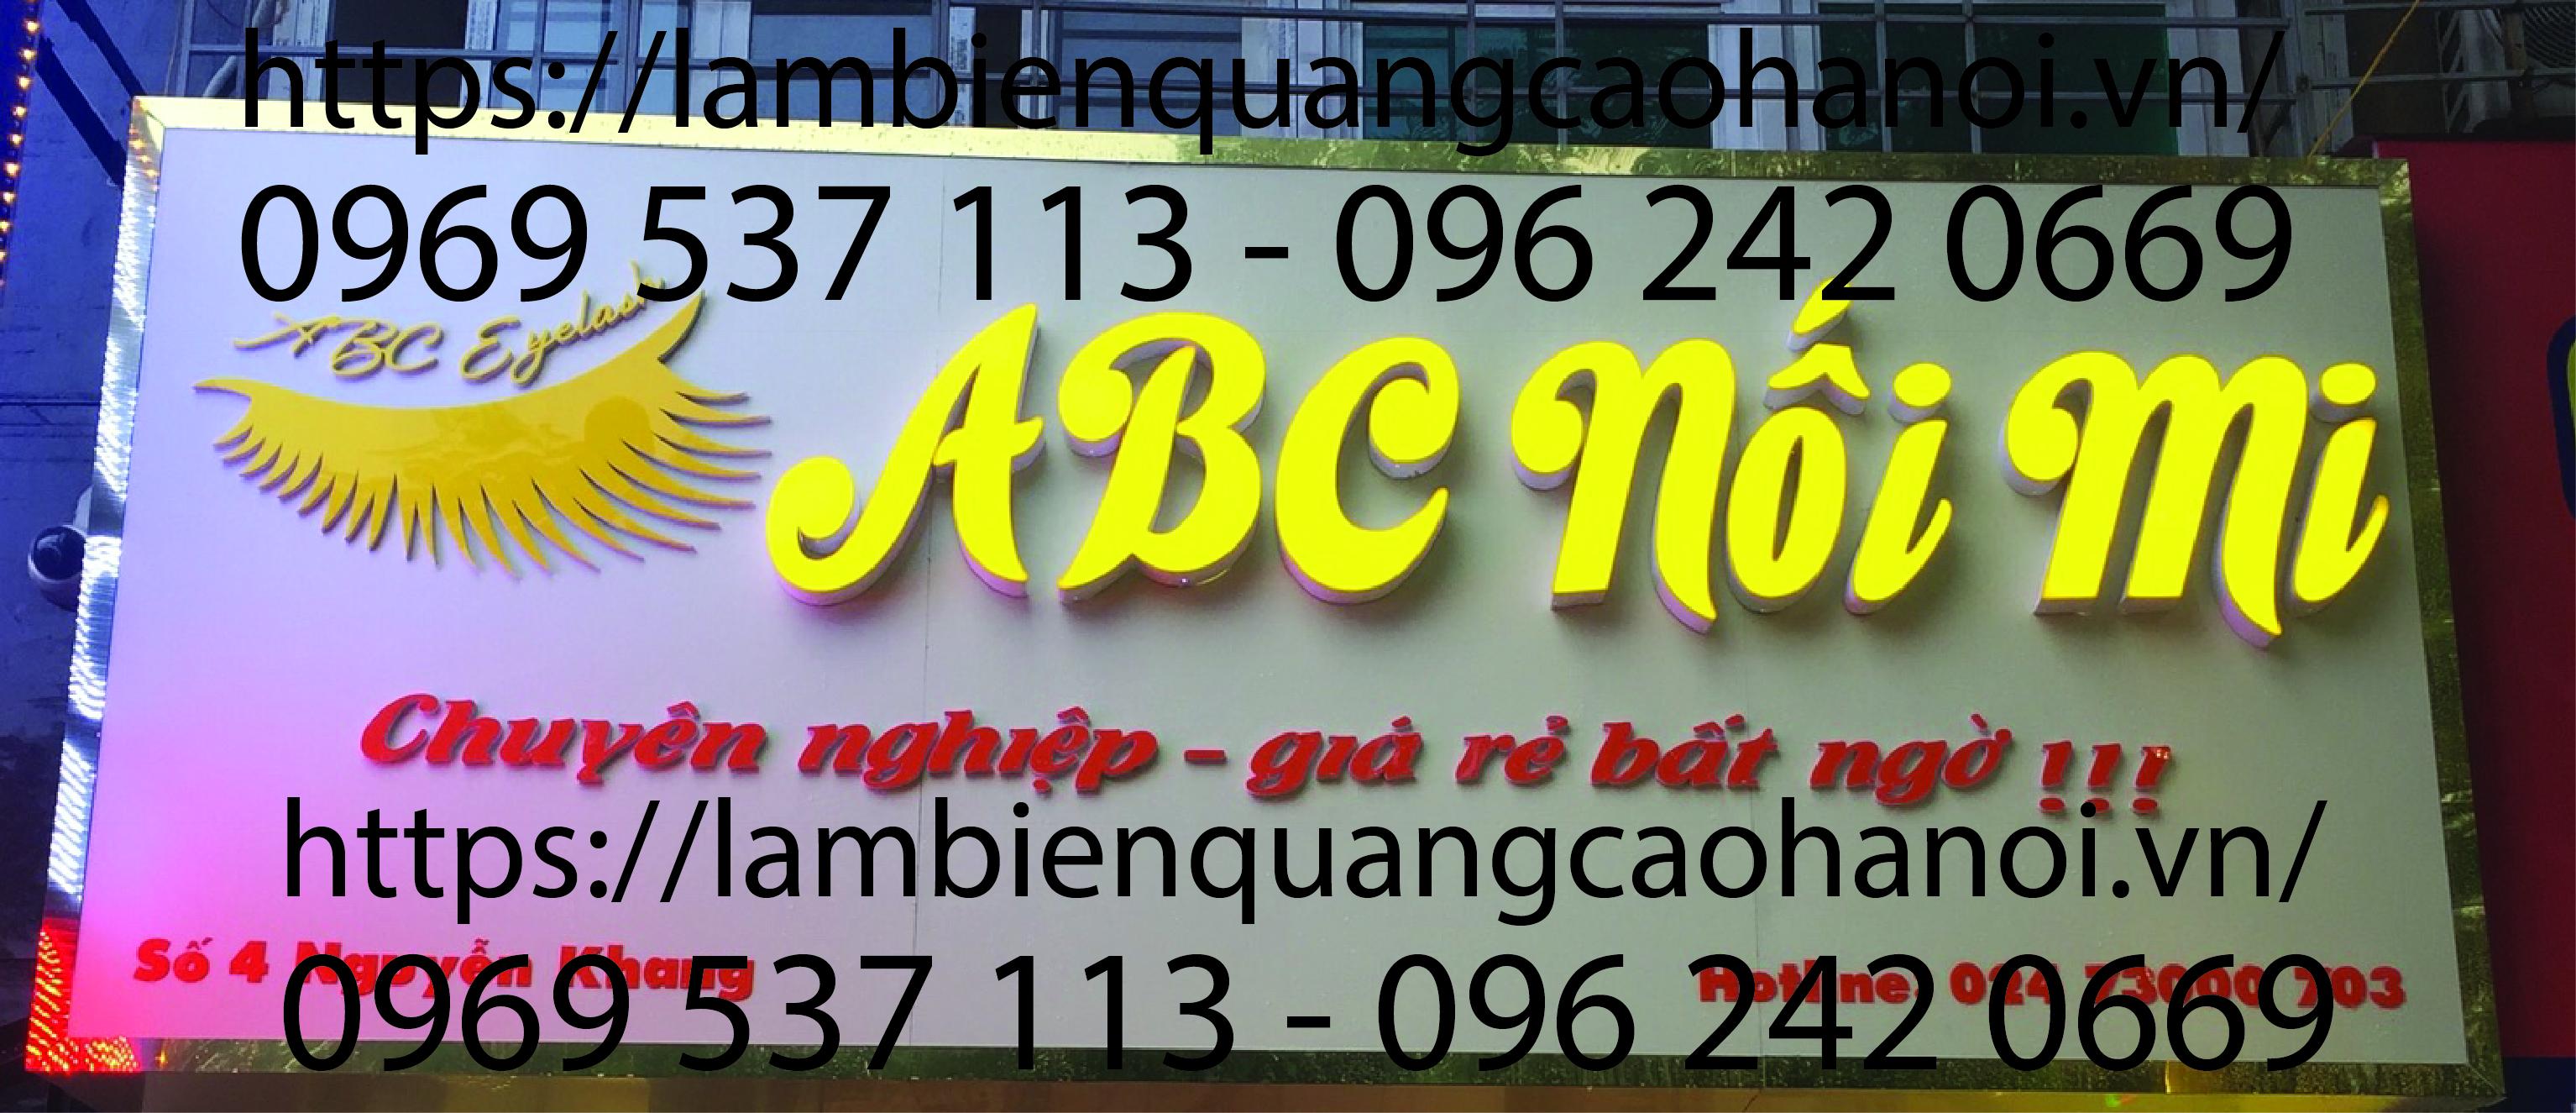 Làm biển quảng cáo chữ nổi giá rẻ tại Mỹ Đình, Hà Nội